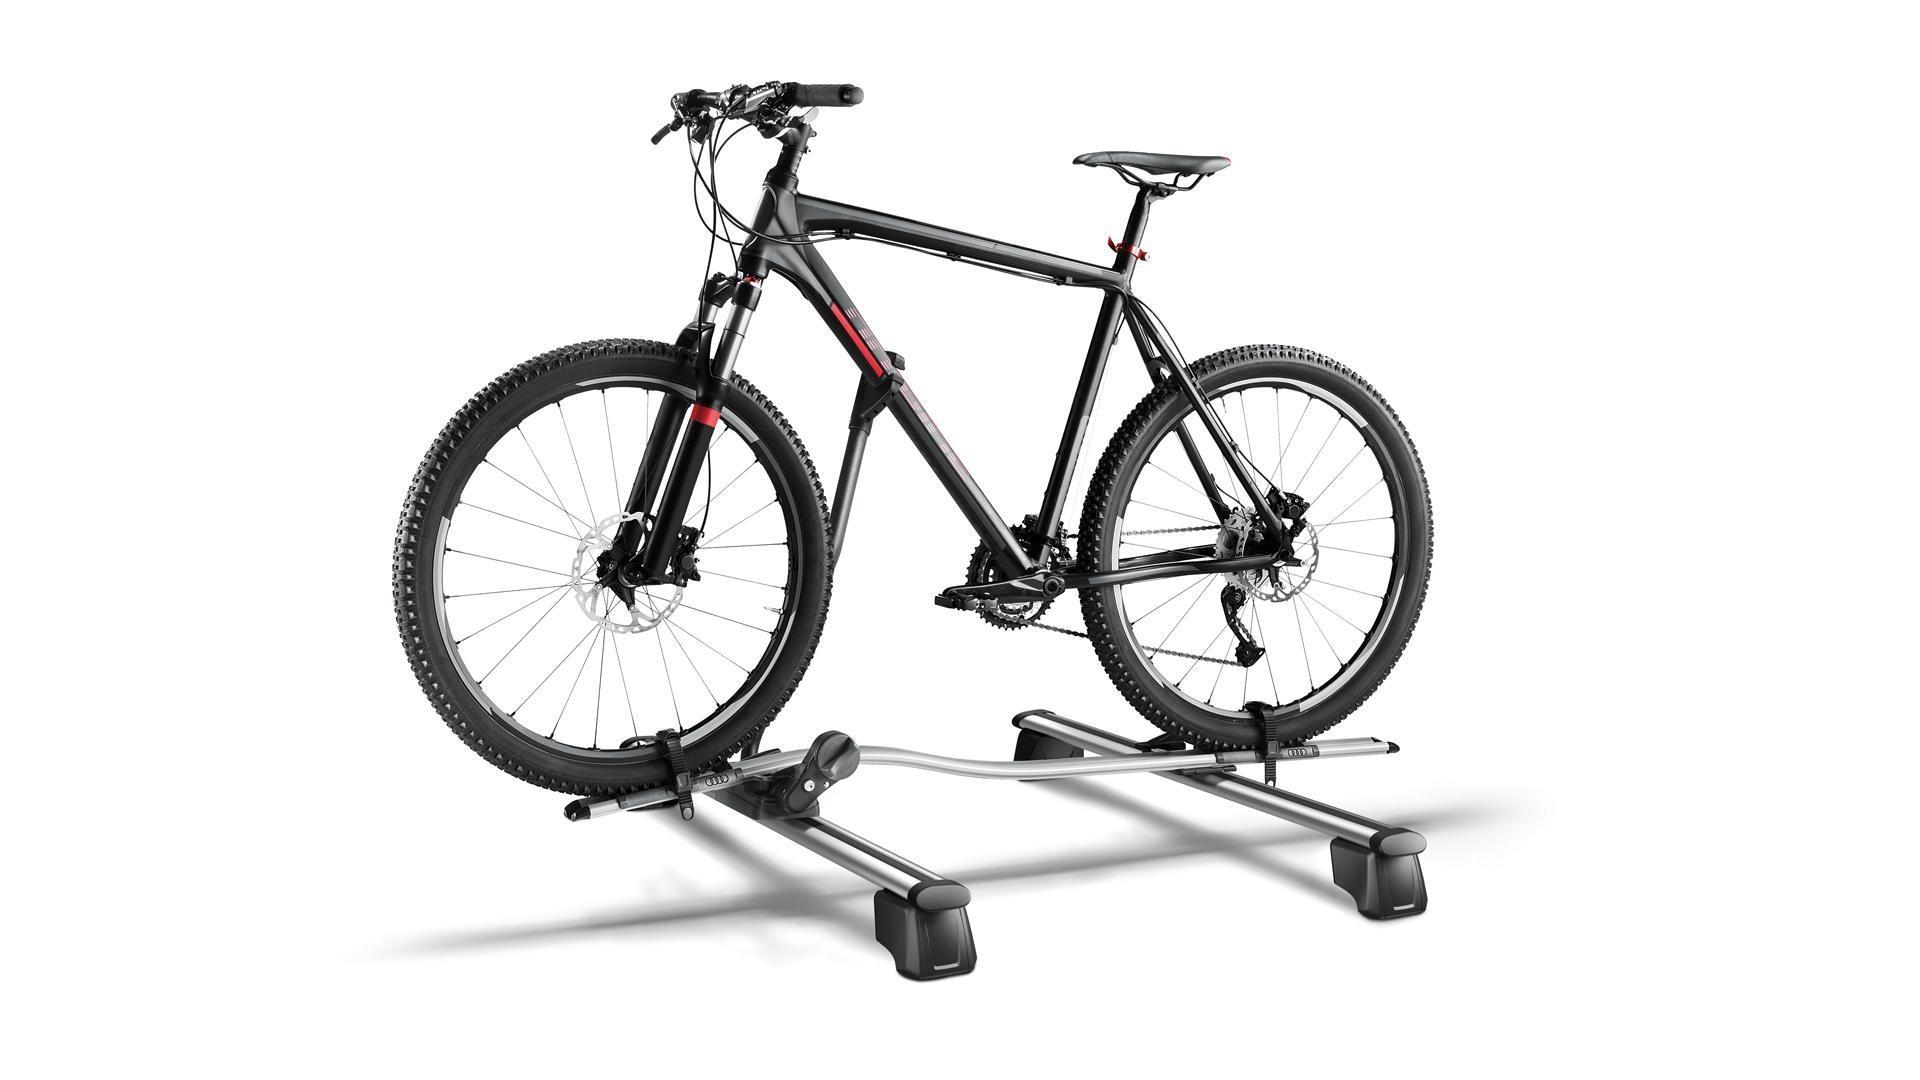 Aluminum Bike Rack For Audi Tt Quattro 8t0 071 128